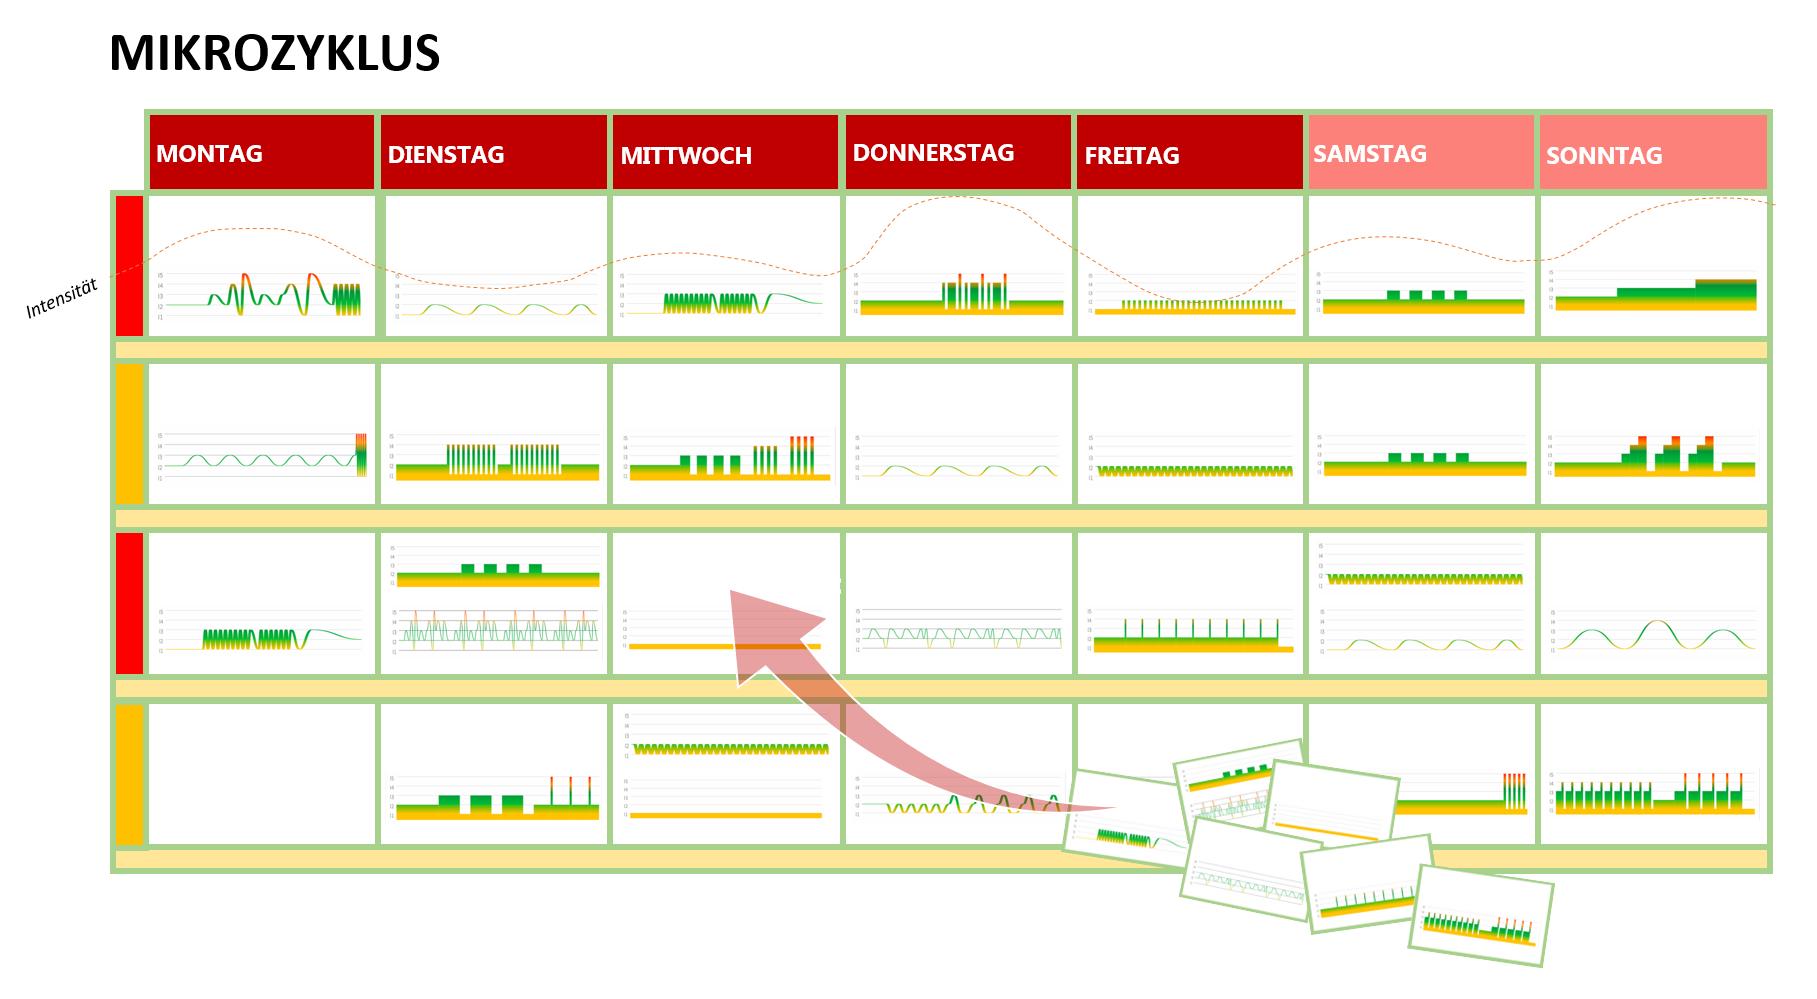 Grafik: Beispiel eines Mikrozyklus'.